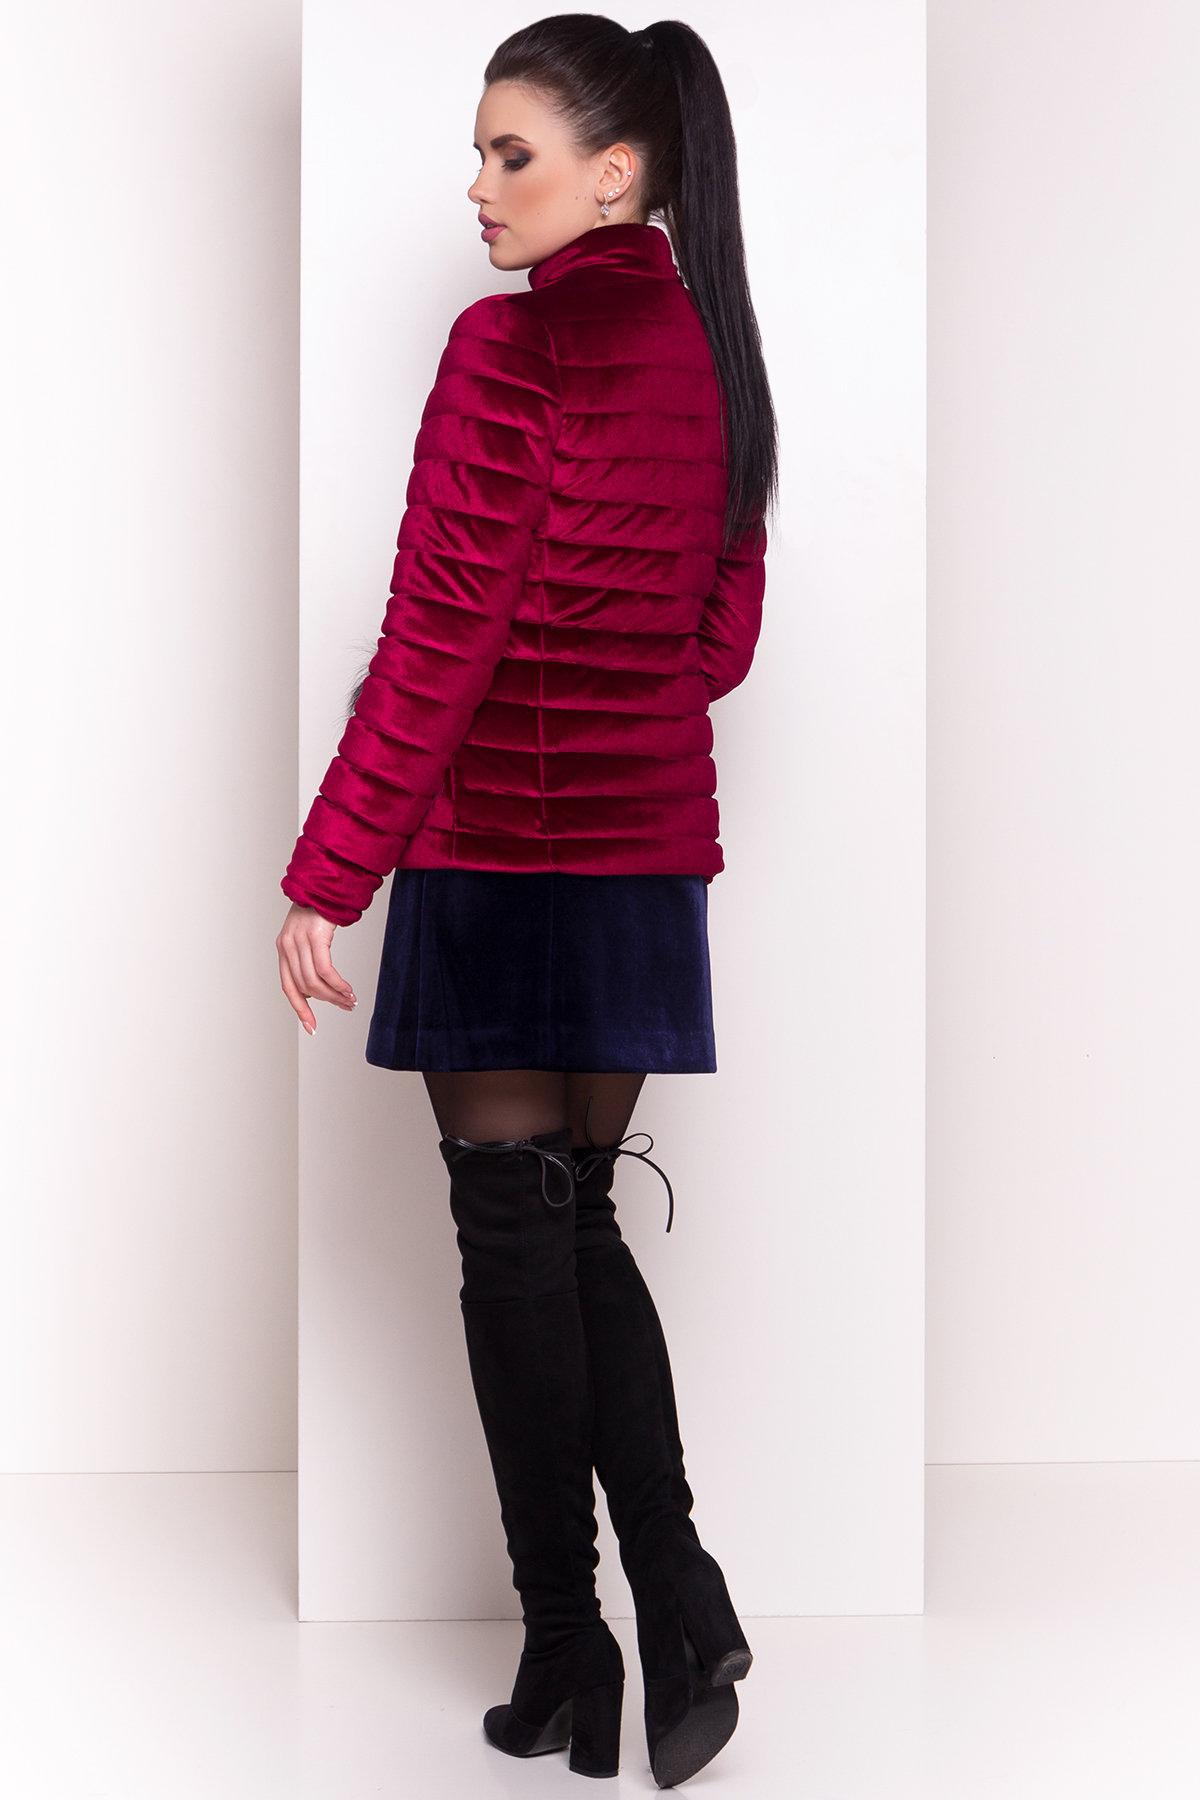 Куртка с мехом на карманах Дезире 4452 АРТ. 21637 Цвет: Марсала - фото 8, интернет магазин tm-modus.ru